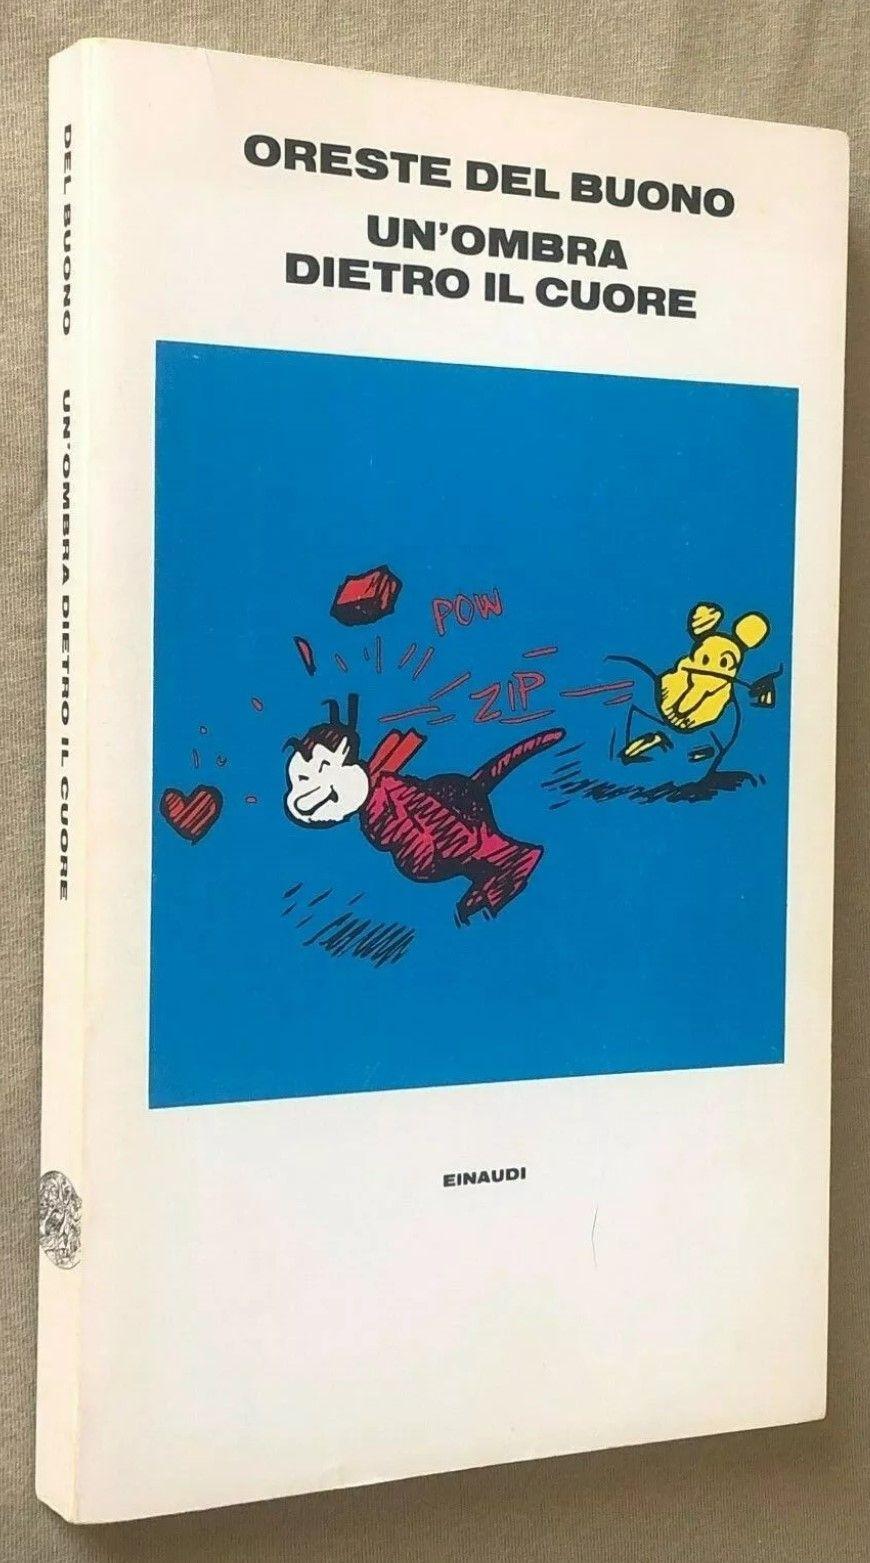 """""""Un'ombra dietro il cuore"""" di Oreste Del Buono: una copia compare e subito scompare!"""